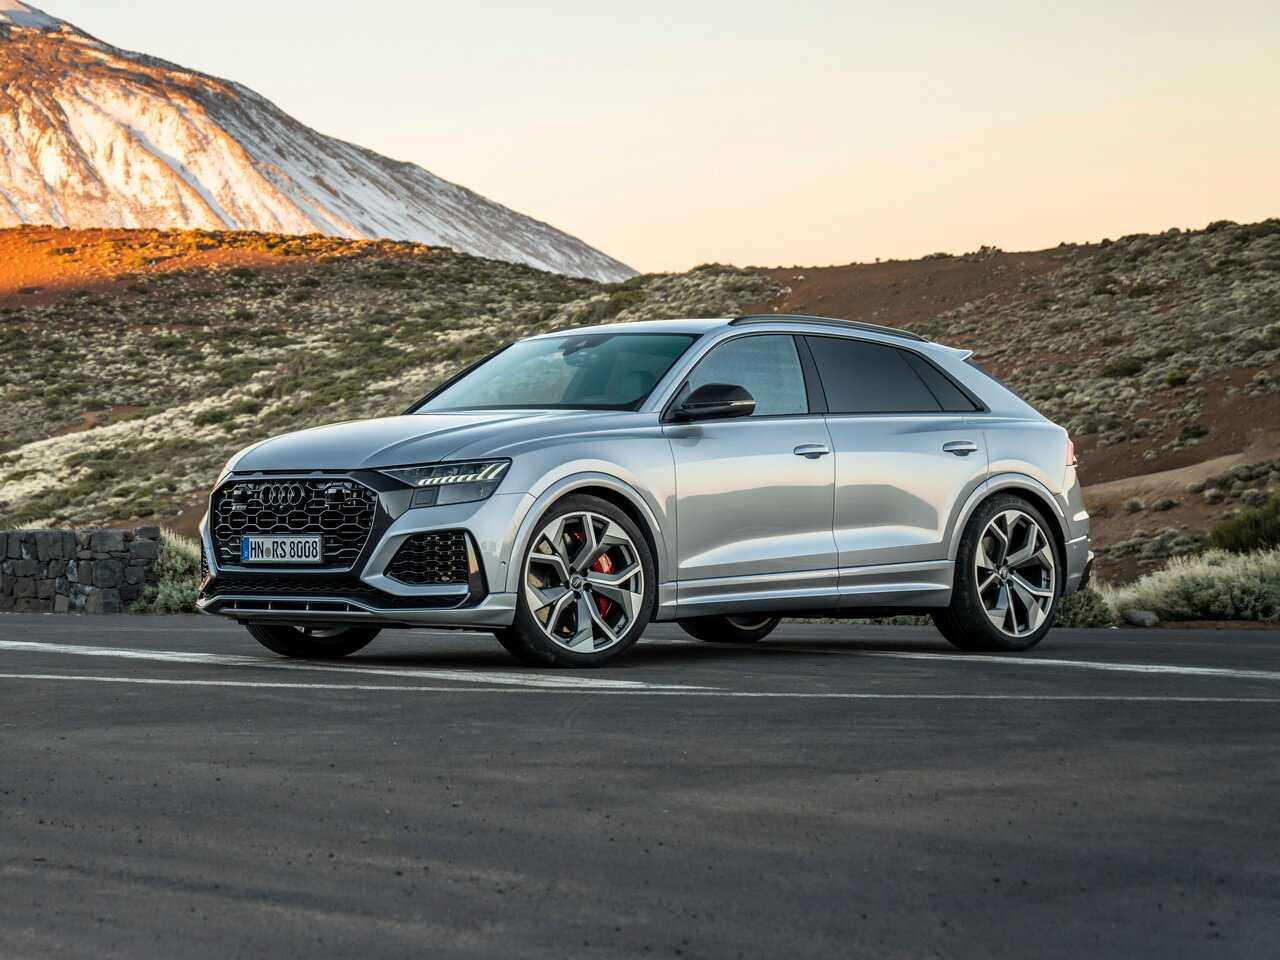 Кросс-купе audi q8 2019-2020 цена, технические характеристики, фото, видео тест-драйв